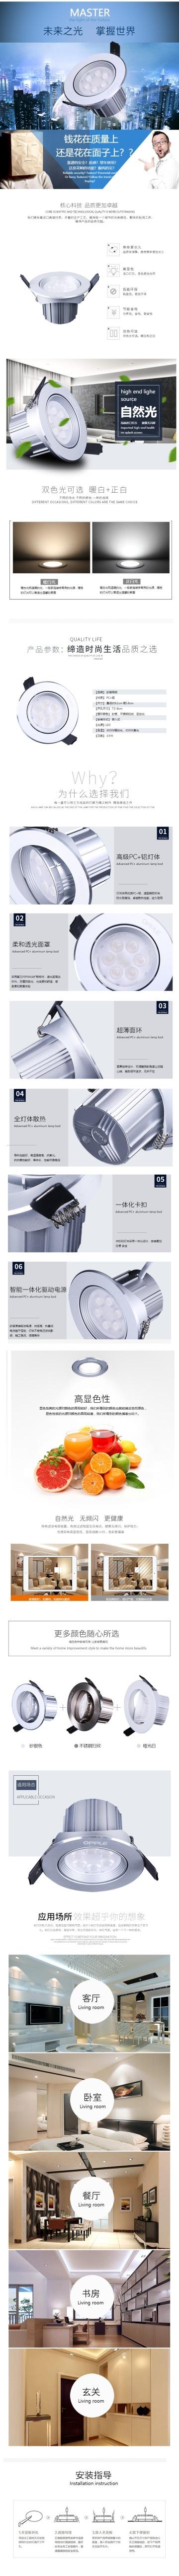 简约大气百货零售家居生活家电灯具促销电商详情页